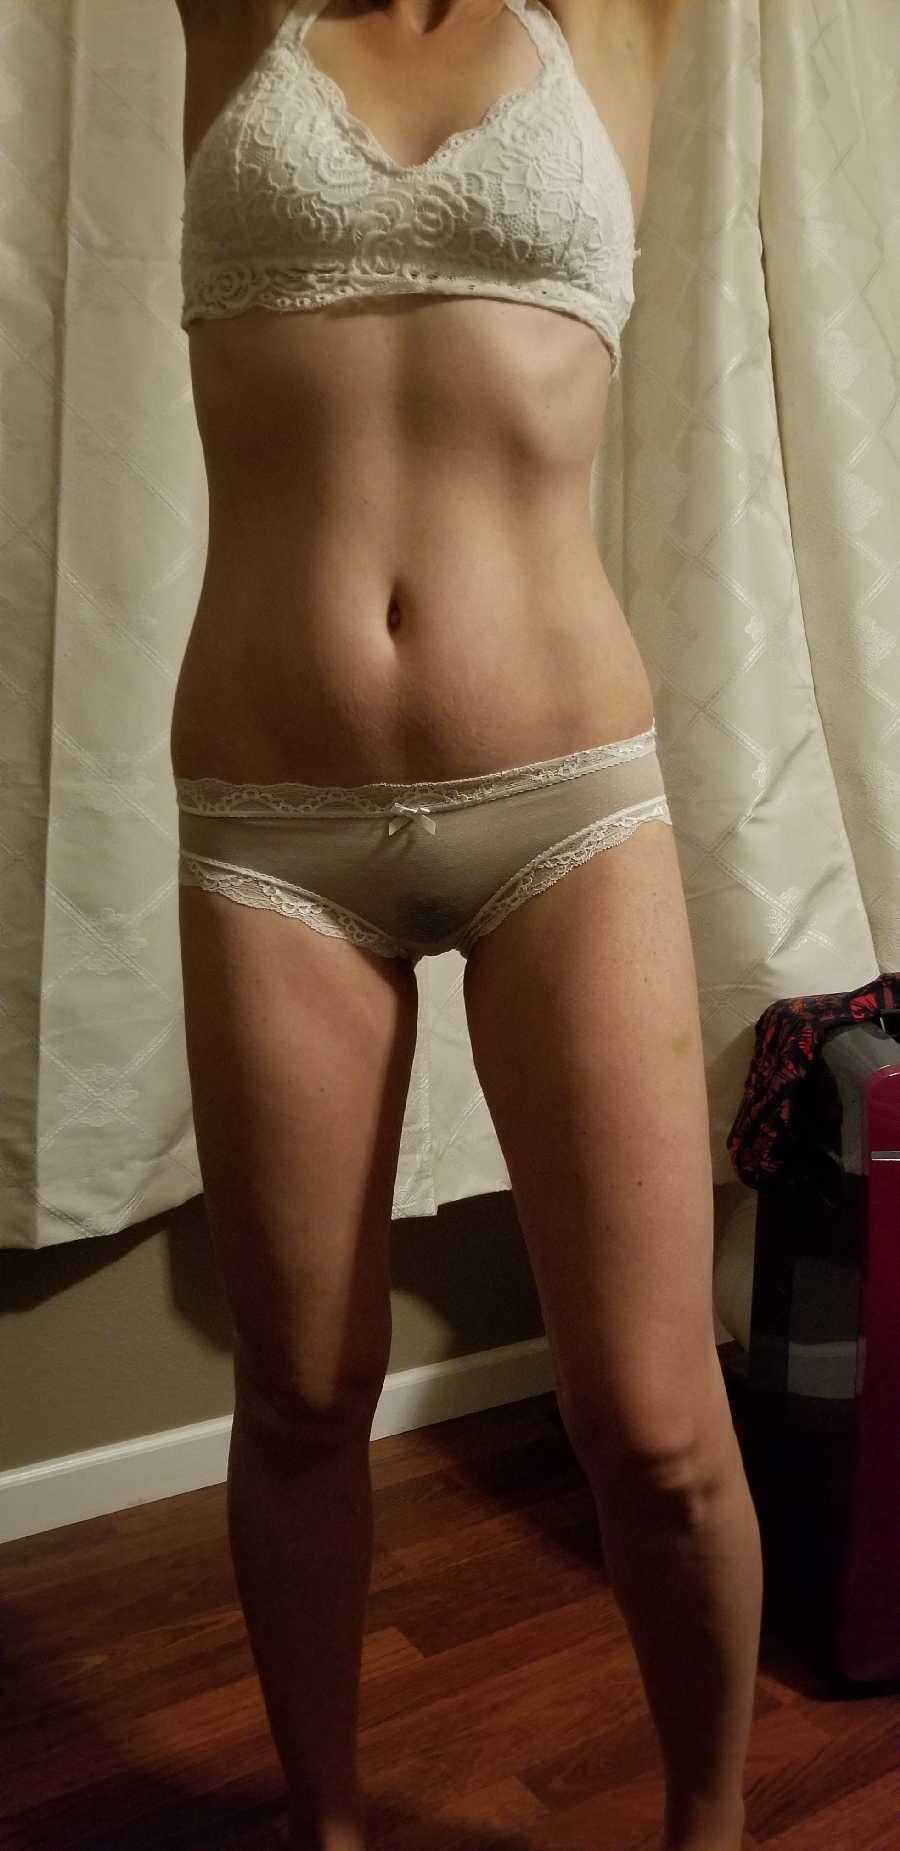 Vote on her Panties!